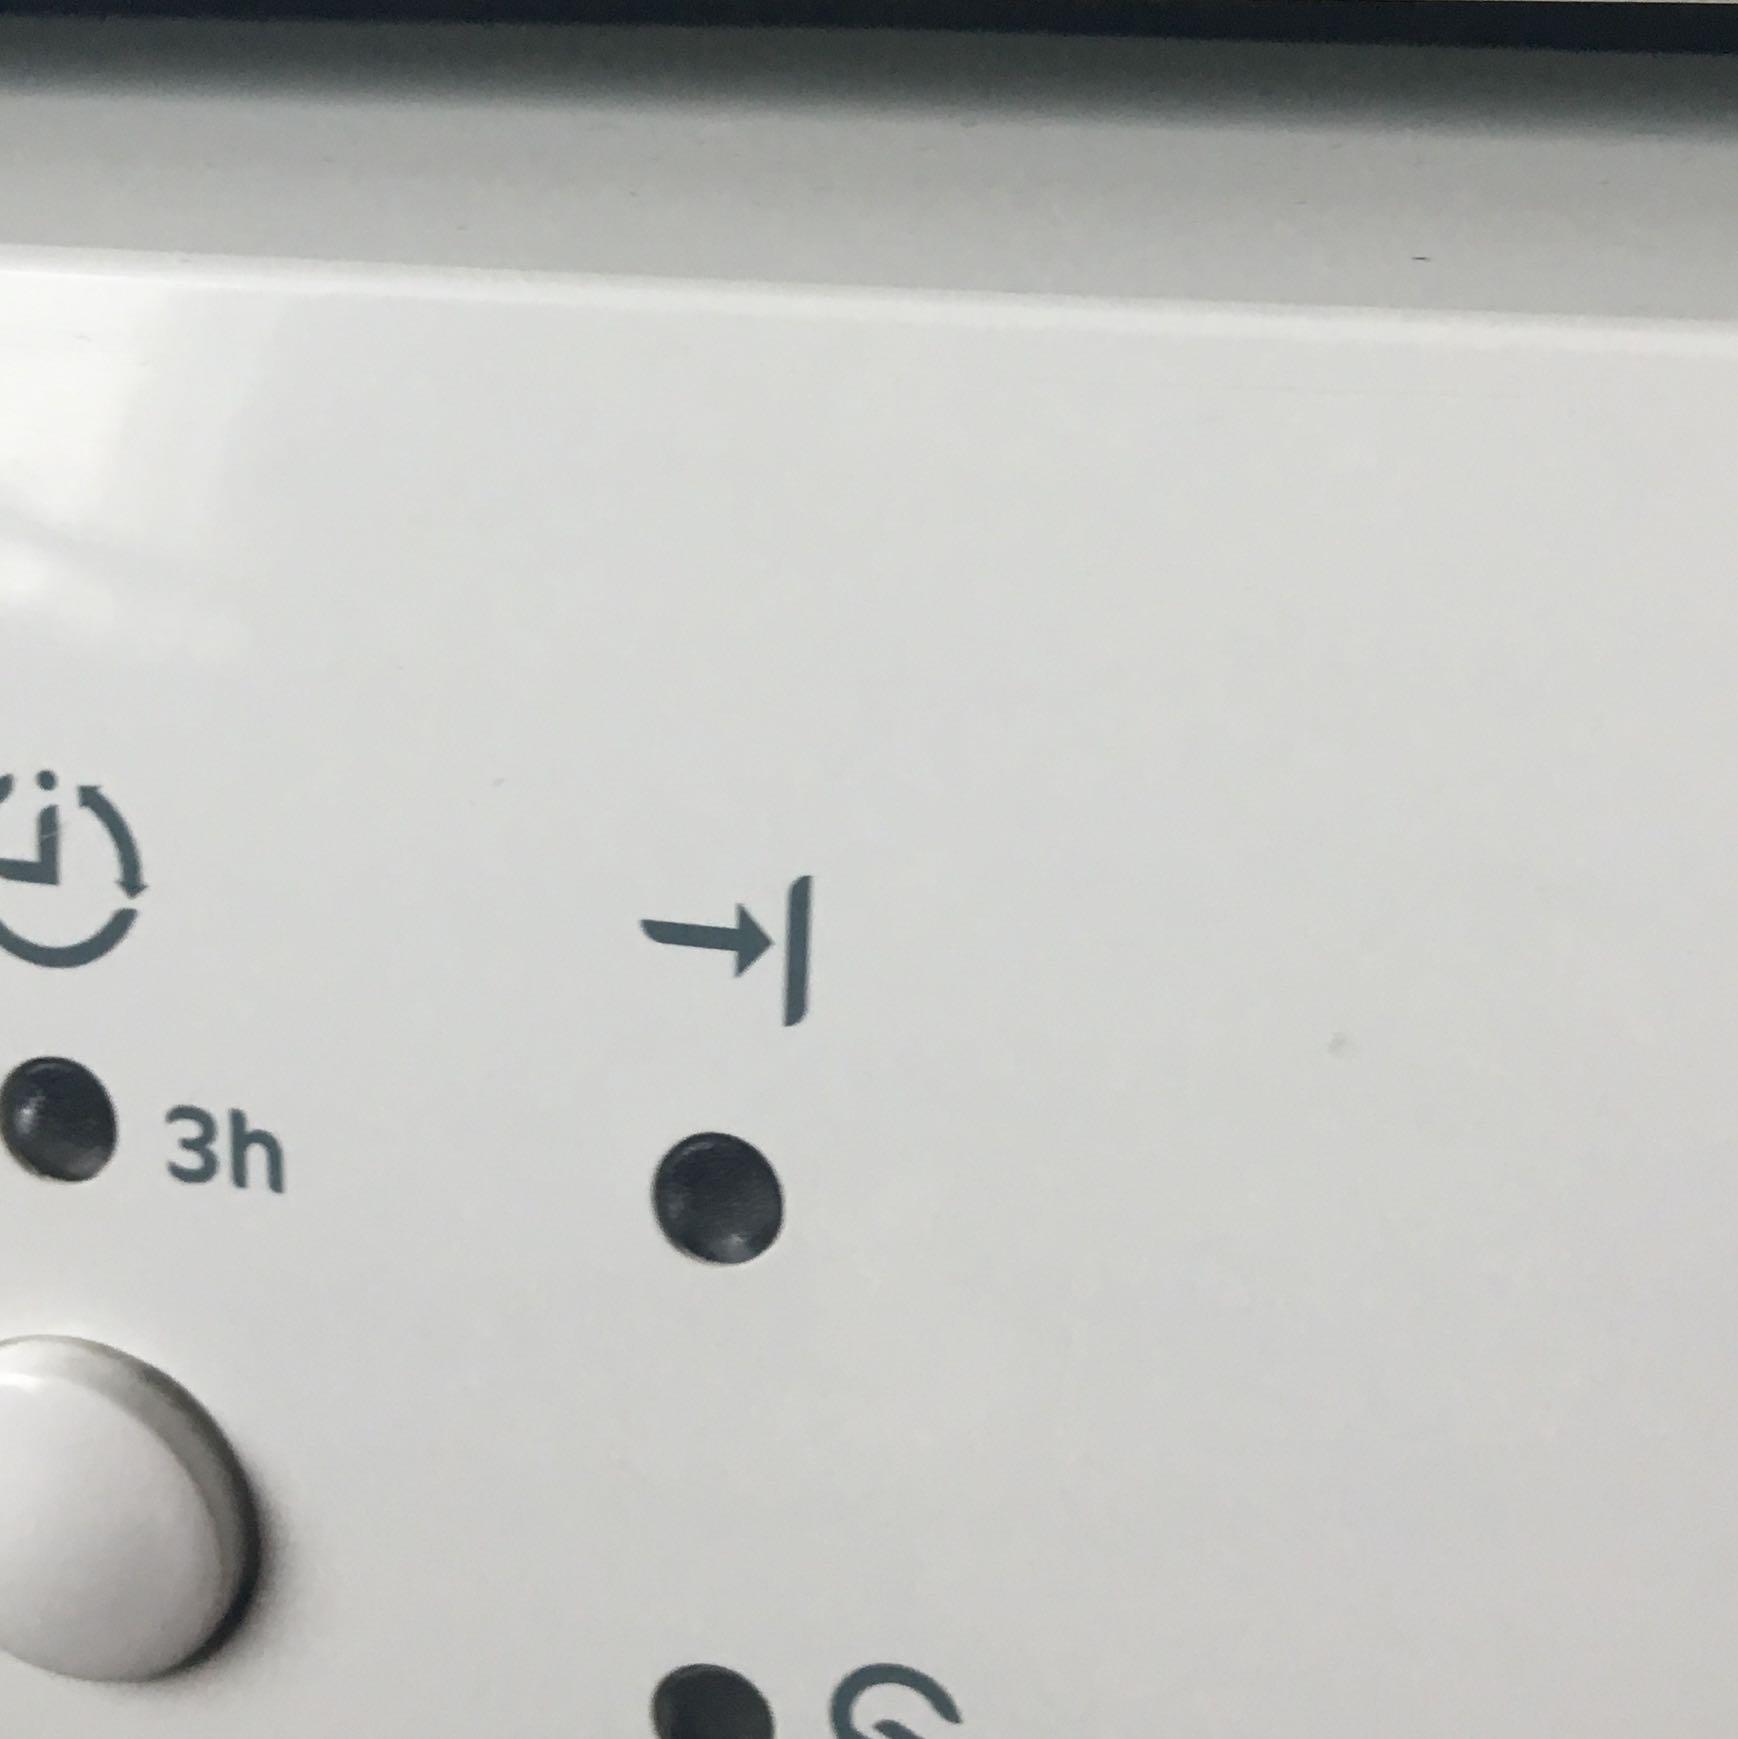 Hilfe was bedeutet dieses Zeichen von der Spülmaschine